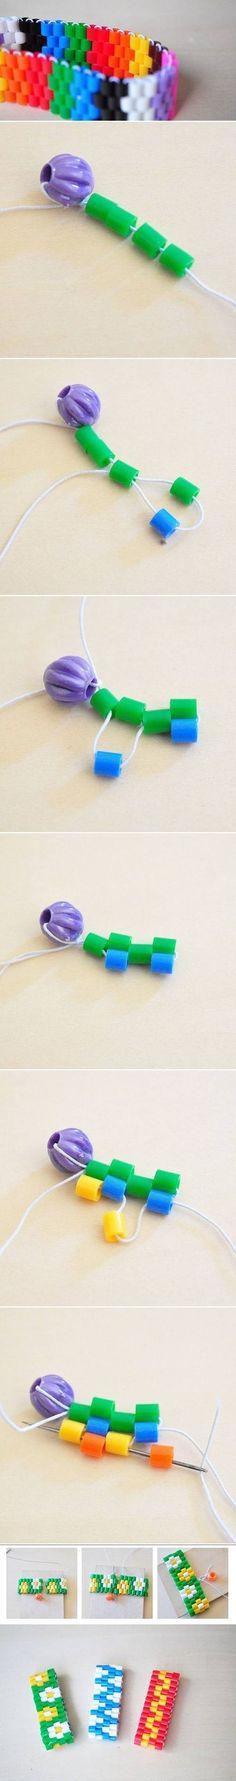 DIY Bracelet diy crafts craft ideas easy crafts diy ideas crafty sewing easy diy diy jewelry diy bracelet craft bracelet jewelry diy diy sewing craft sewing